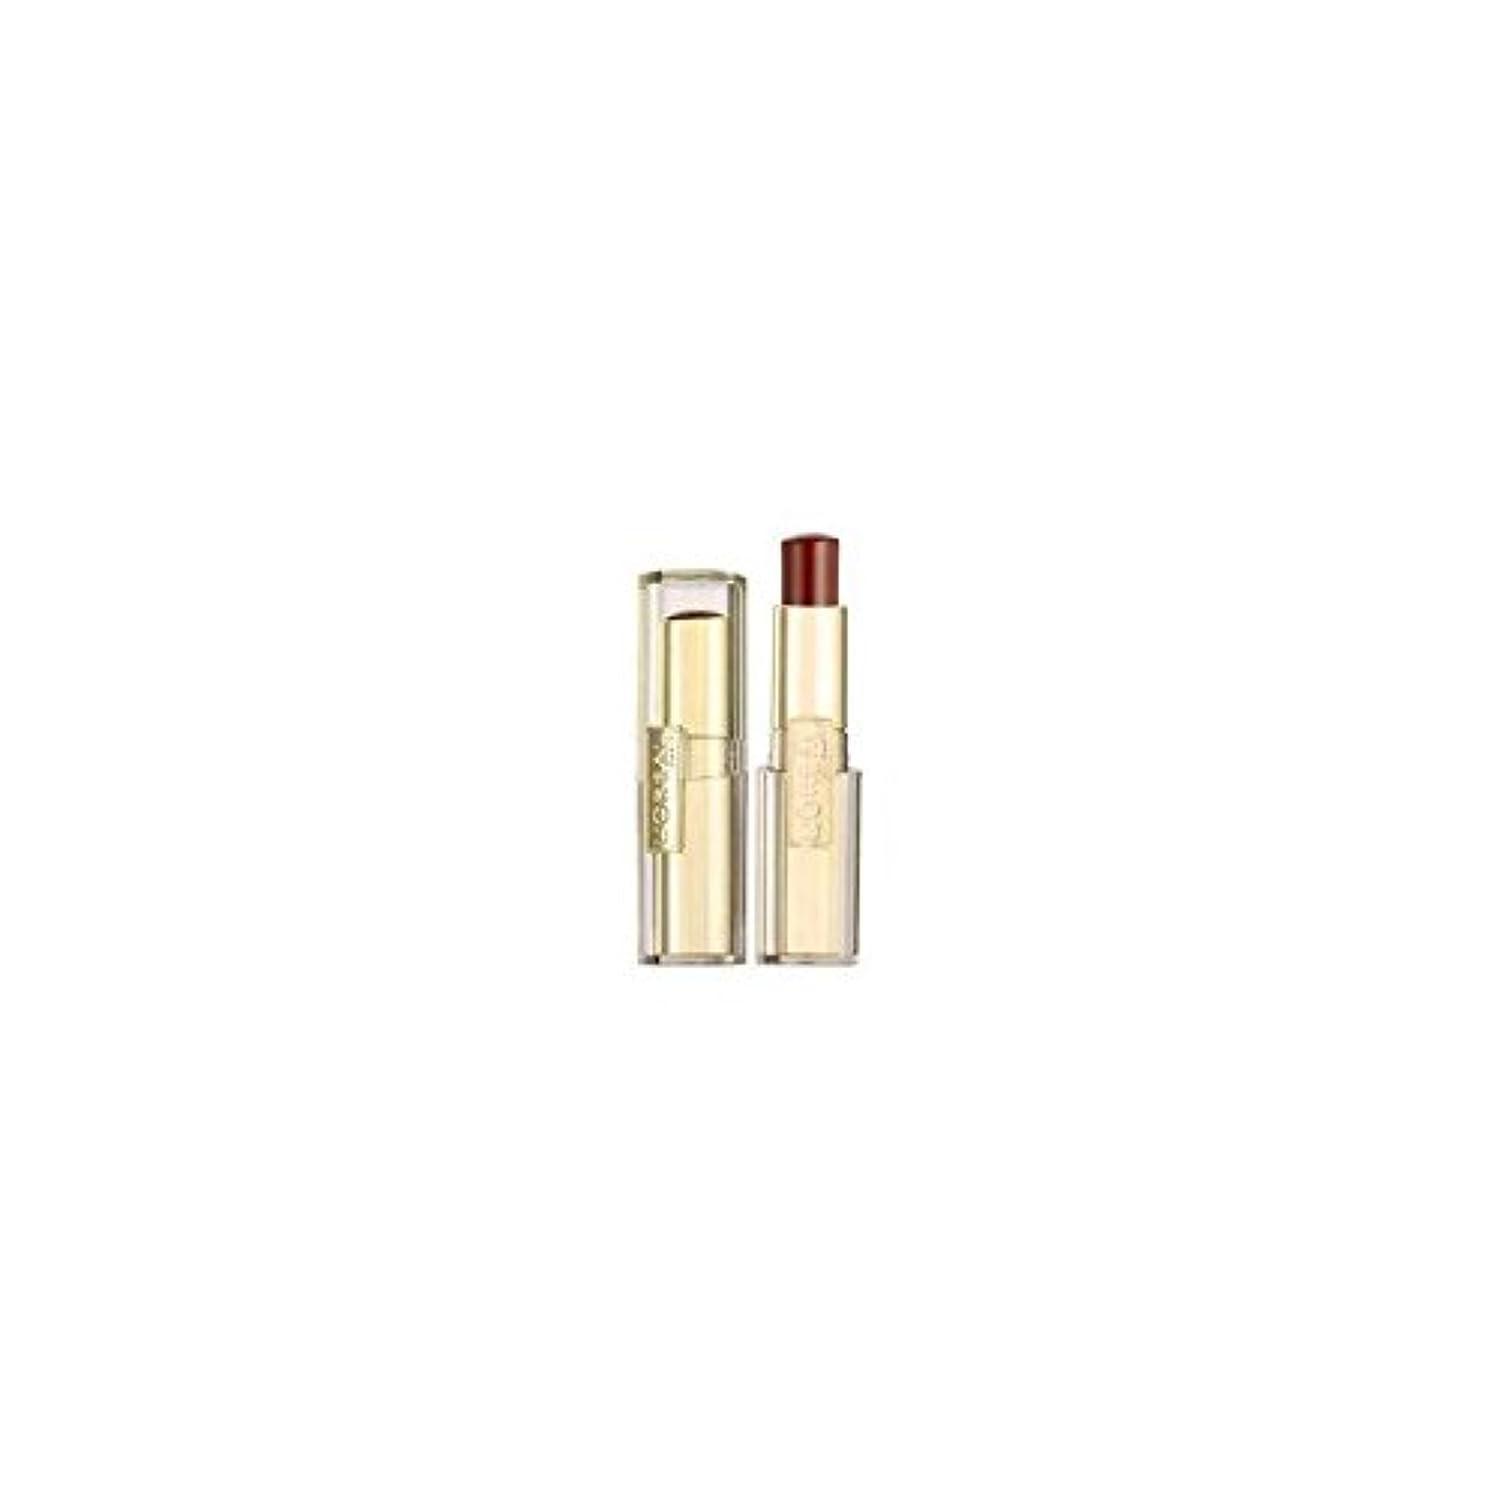 レイアスカウト変形L'OREAL - Rouge à lèvres - ROUGE CARESSE - 602_IRRESISTIBLE EXPRESSO